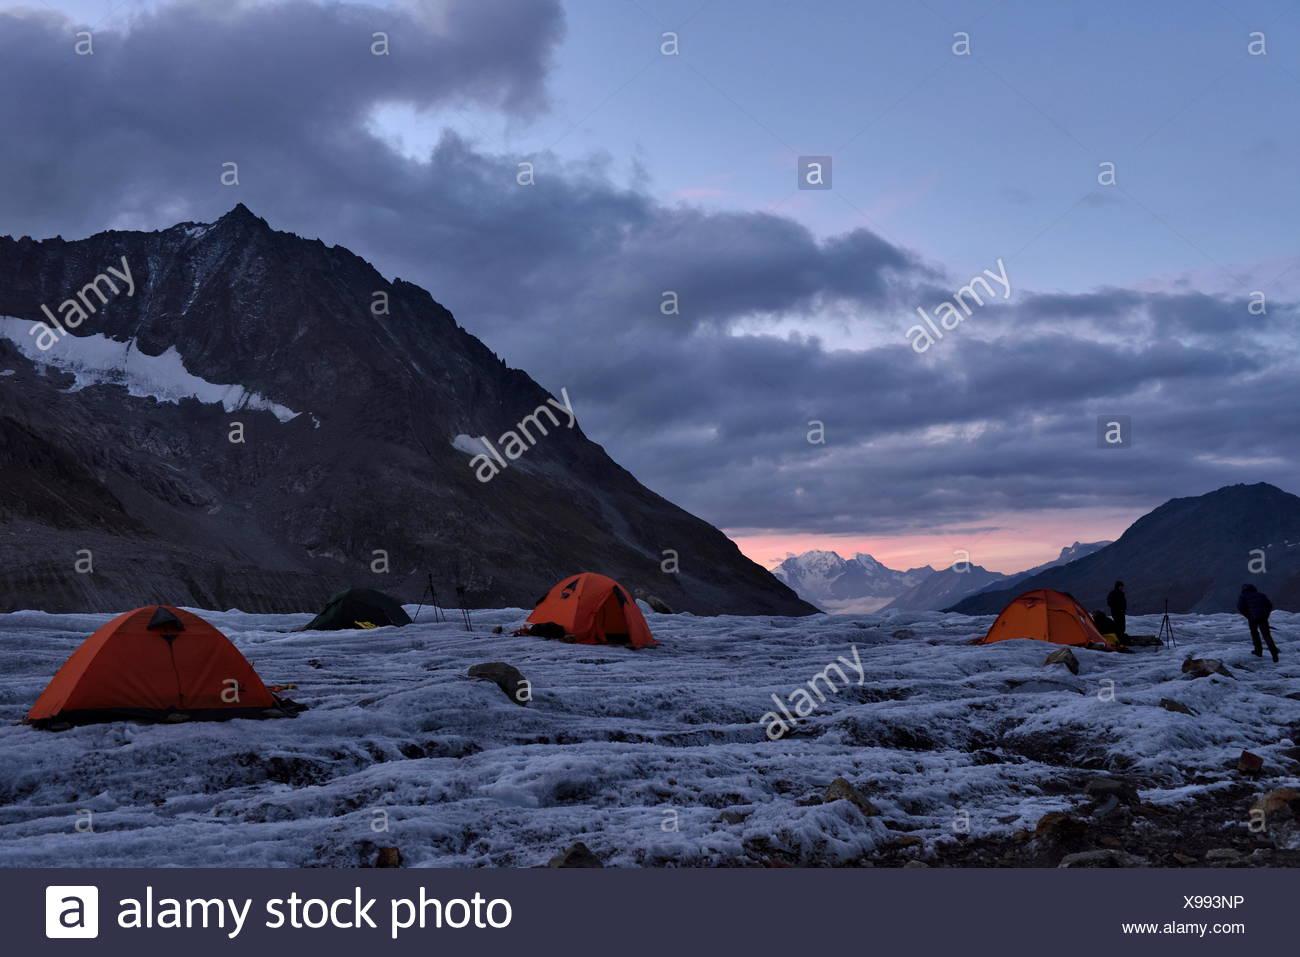 Il team italiano di grotta esploratori sistemarvi in serata presso il loro campo base sul Aletschgletscher. Crepuscolo caldo illumina il tende di colore arancione Immagini Stock